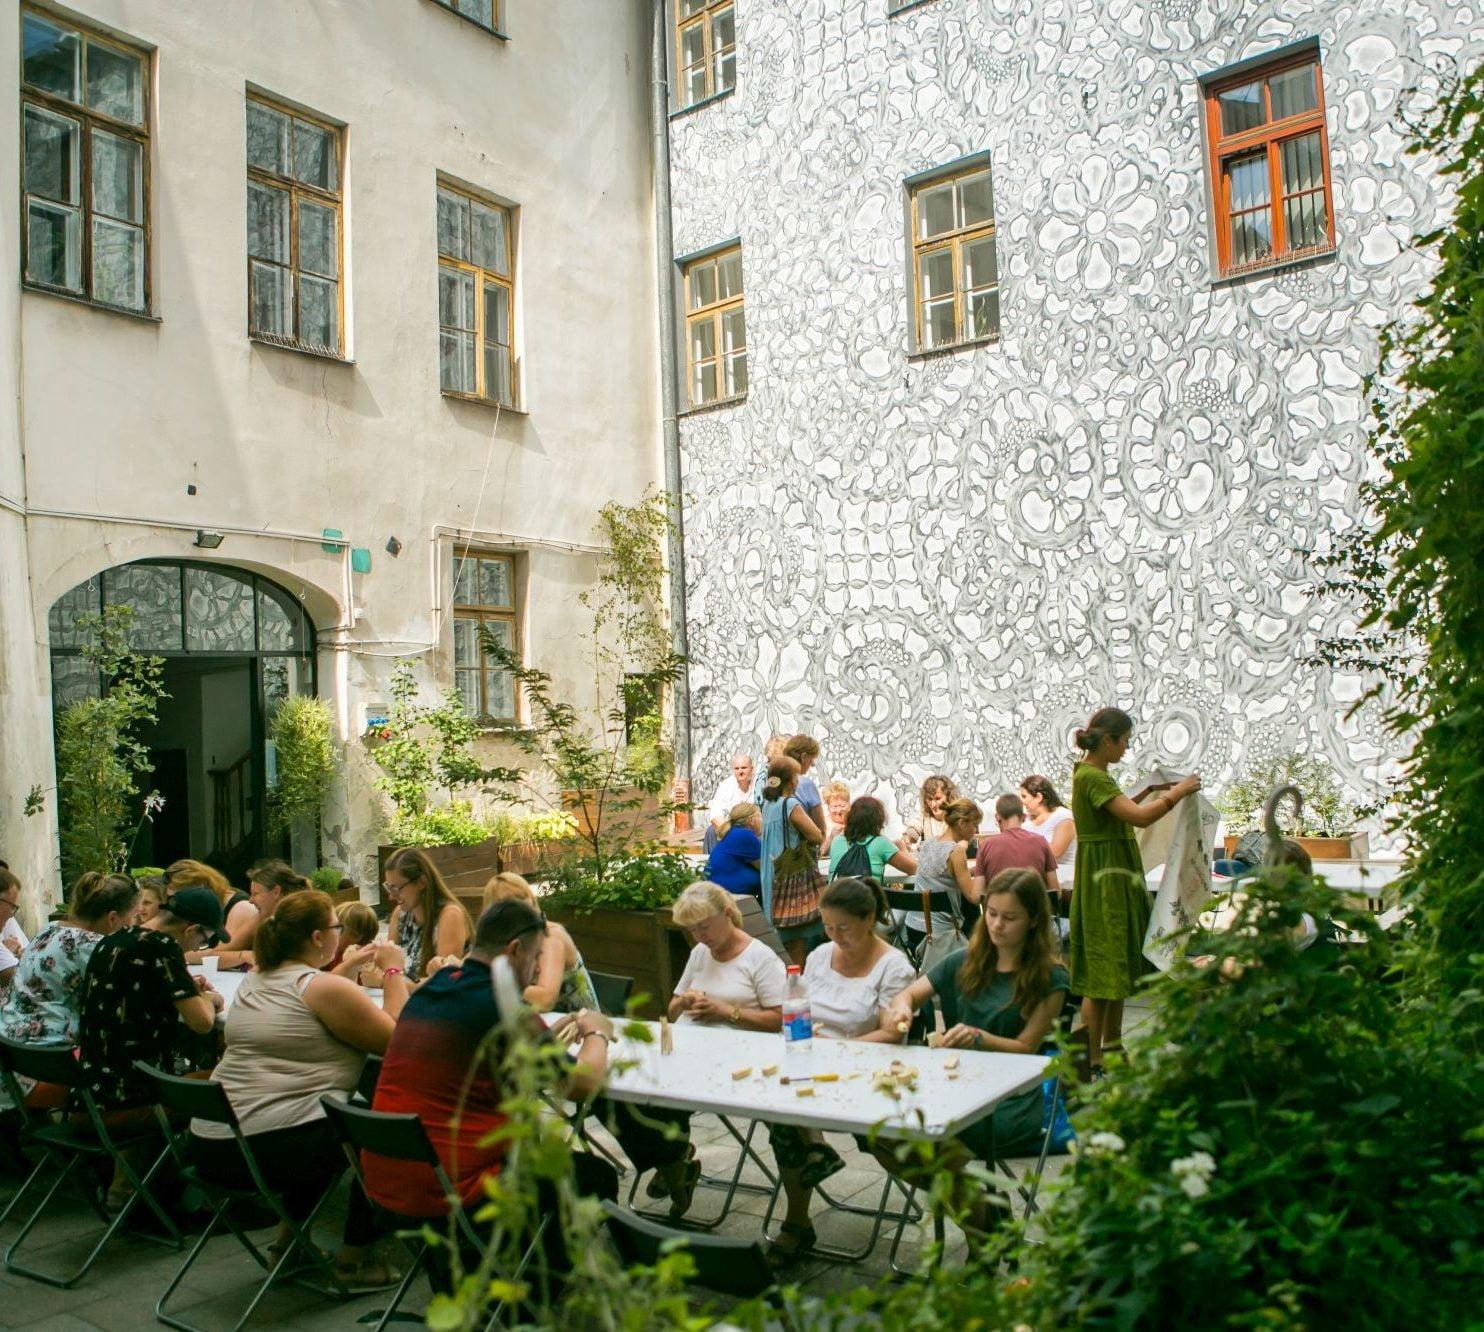 Patio kamienicy, w której siedzibę mają Warsztaty Kultury. Na patio, pośród zieleni rozstawione są stoły, przy których odbywają się warsztaty